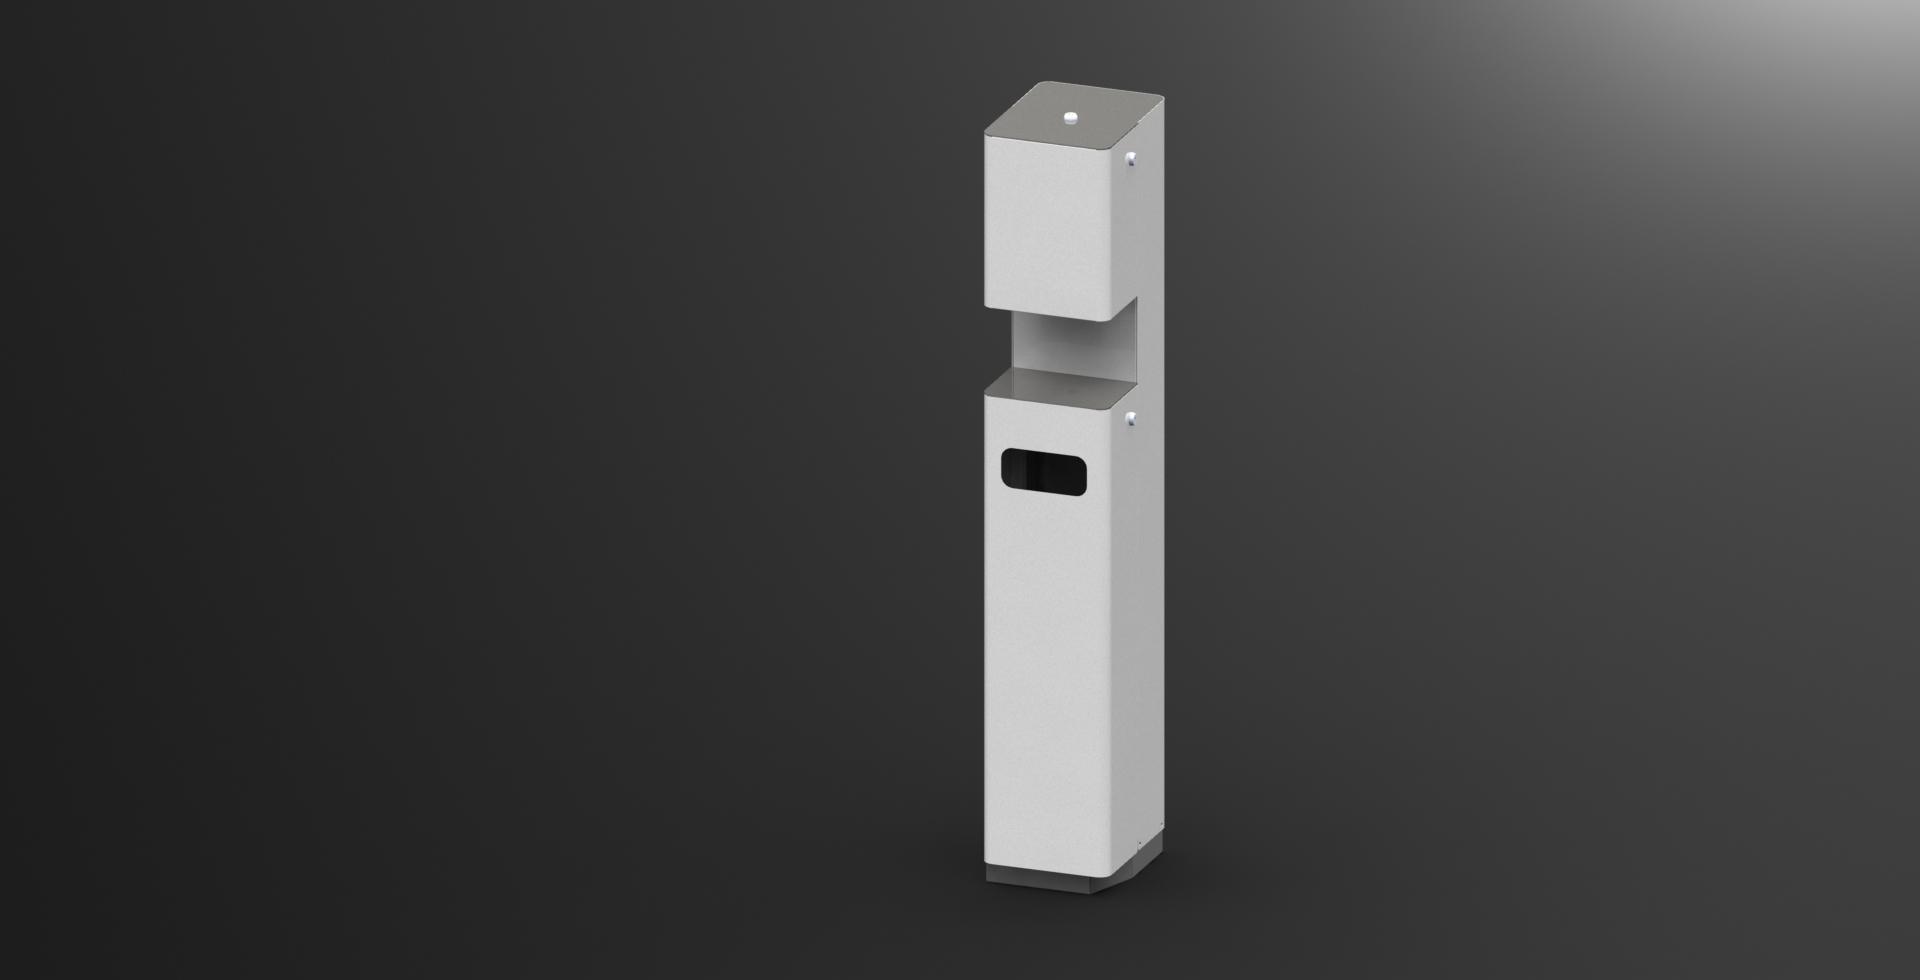 Desinfectiemiddelen dispenser mobiel vloermodel luxe wit